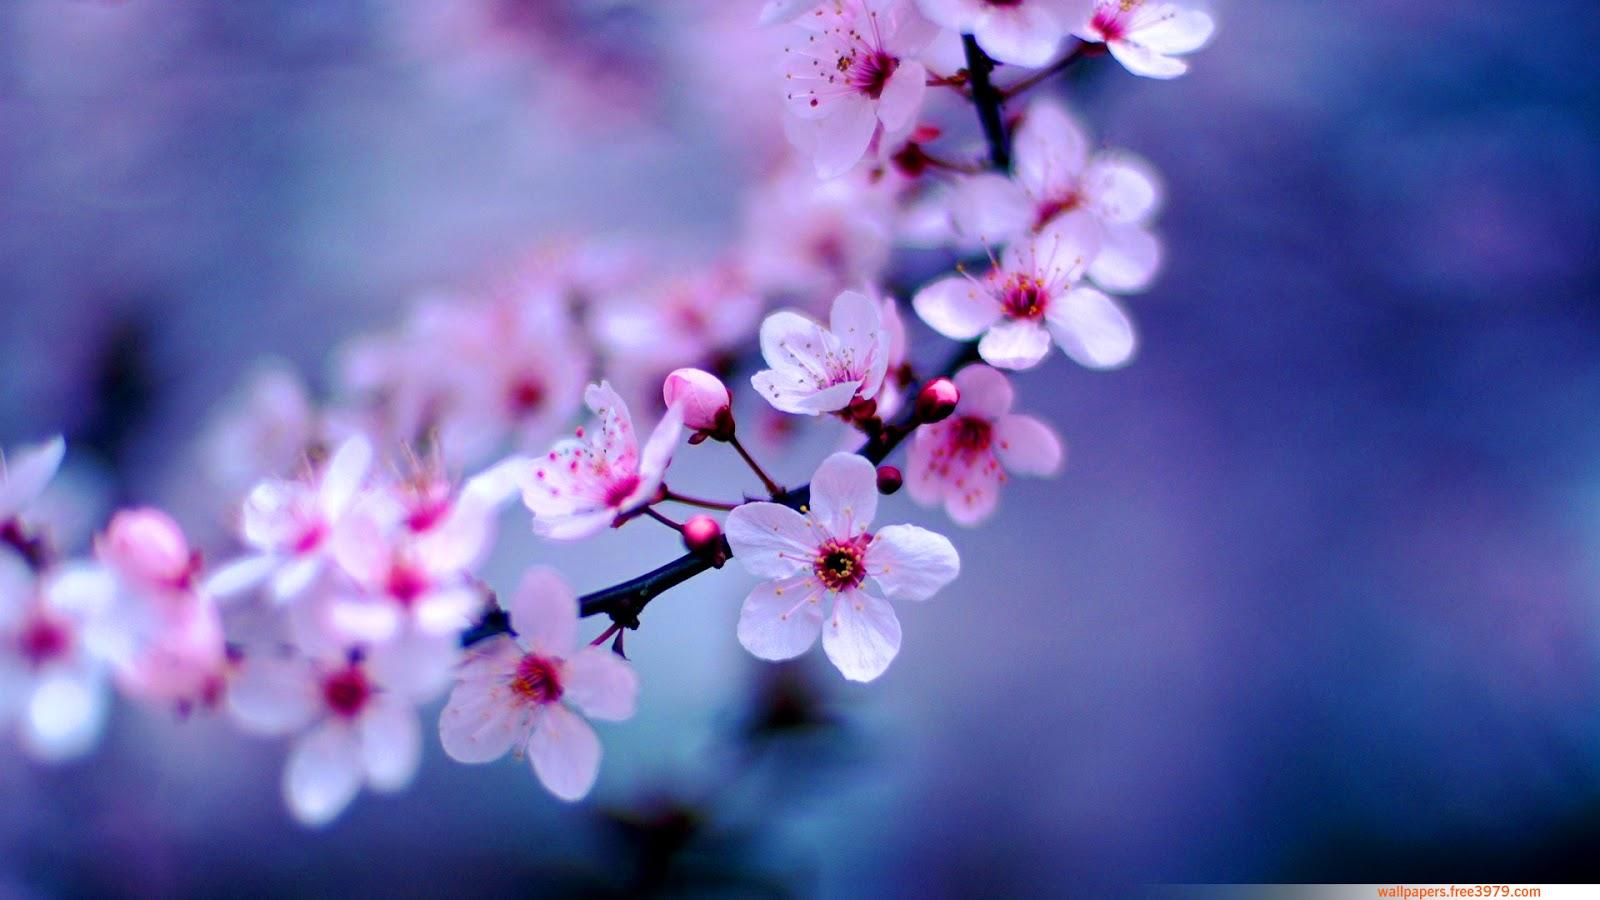 Apple Blossom Wallpaper Flower Japanese Cherry Blossom